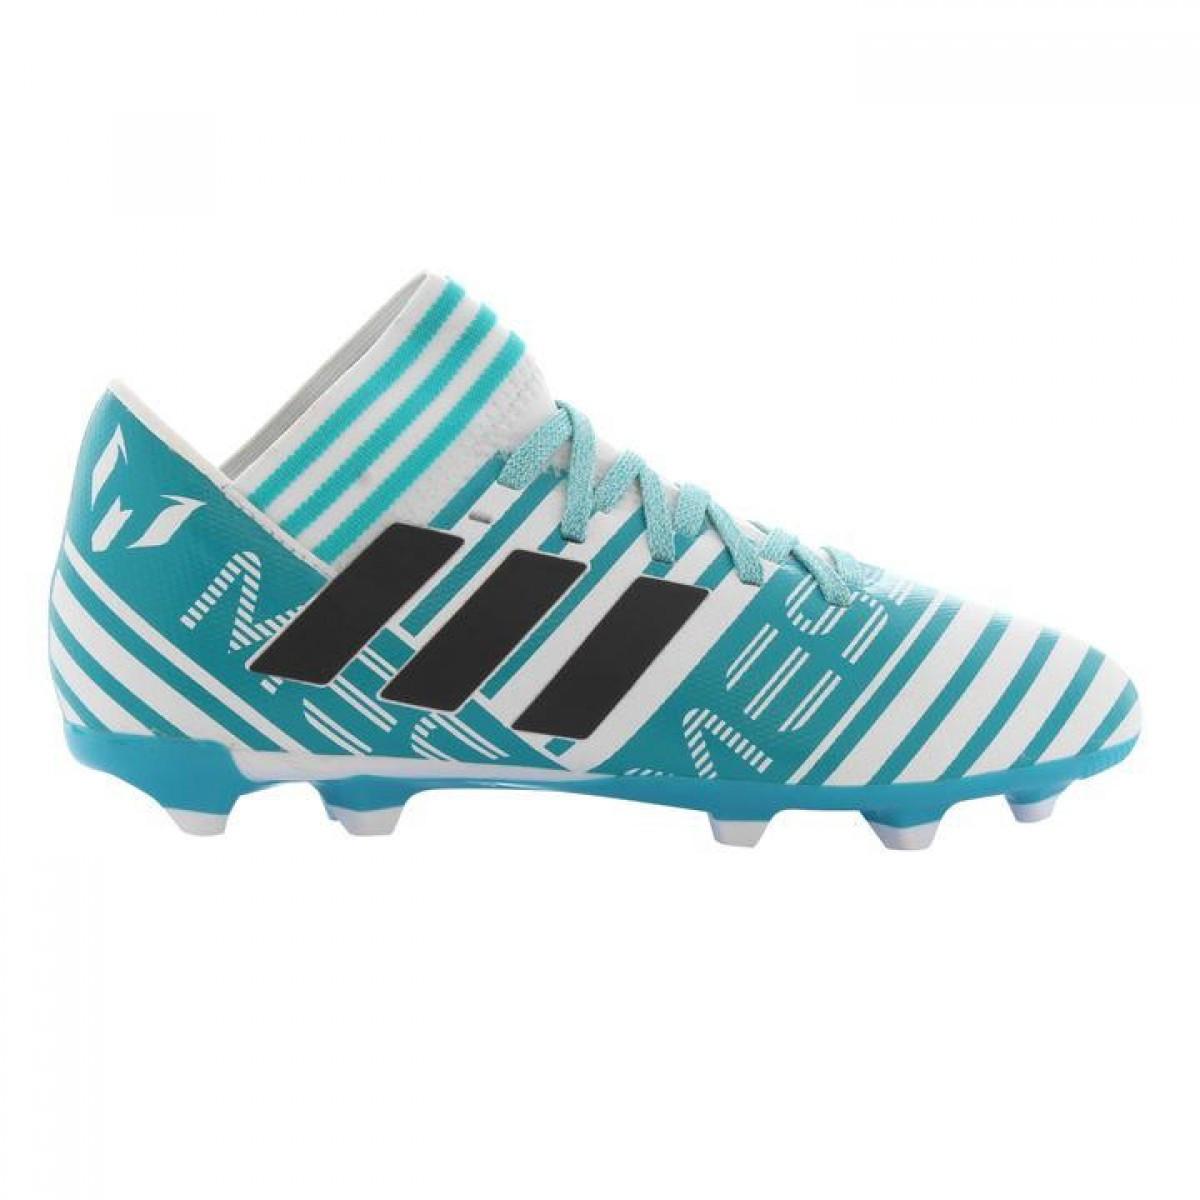 Футбольные бутсы adidas NEMEZIZ MESSI 17.3 FG BY2414 (Оригинал)